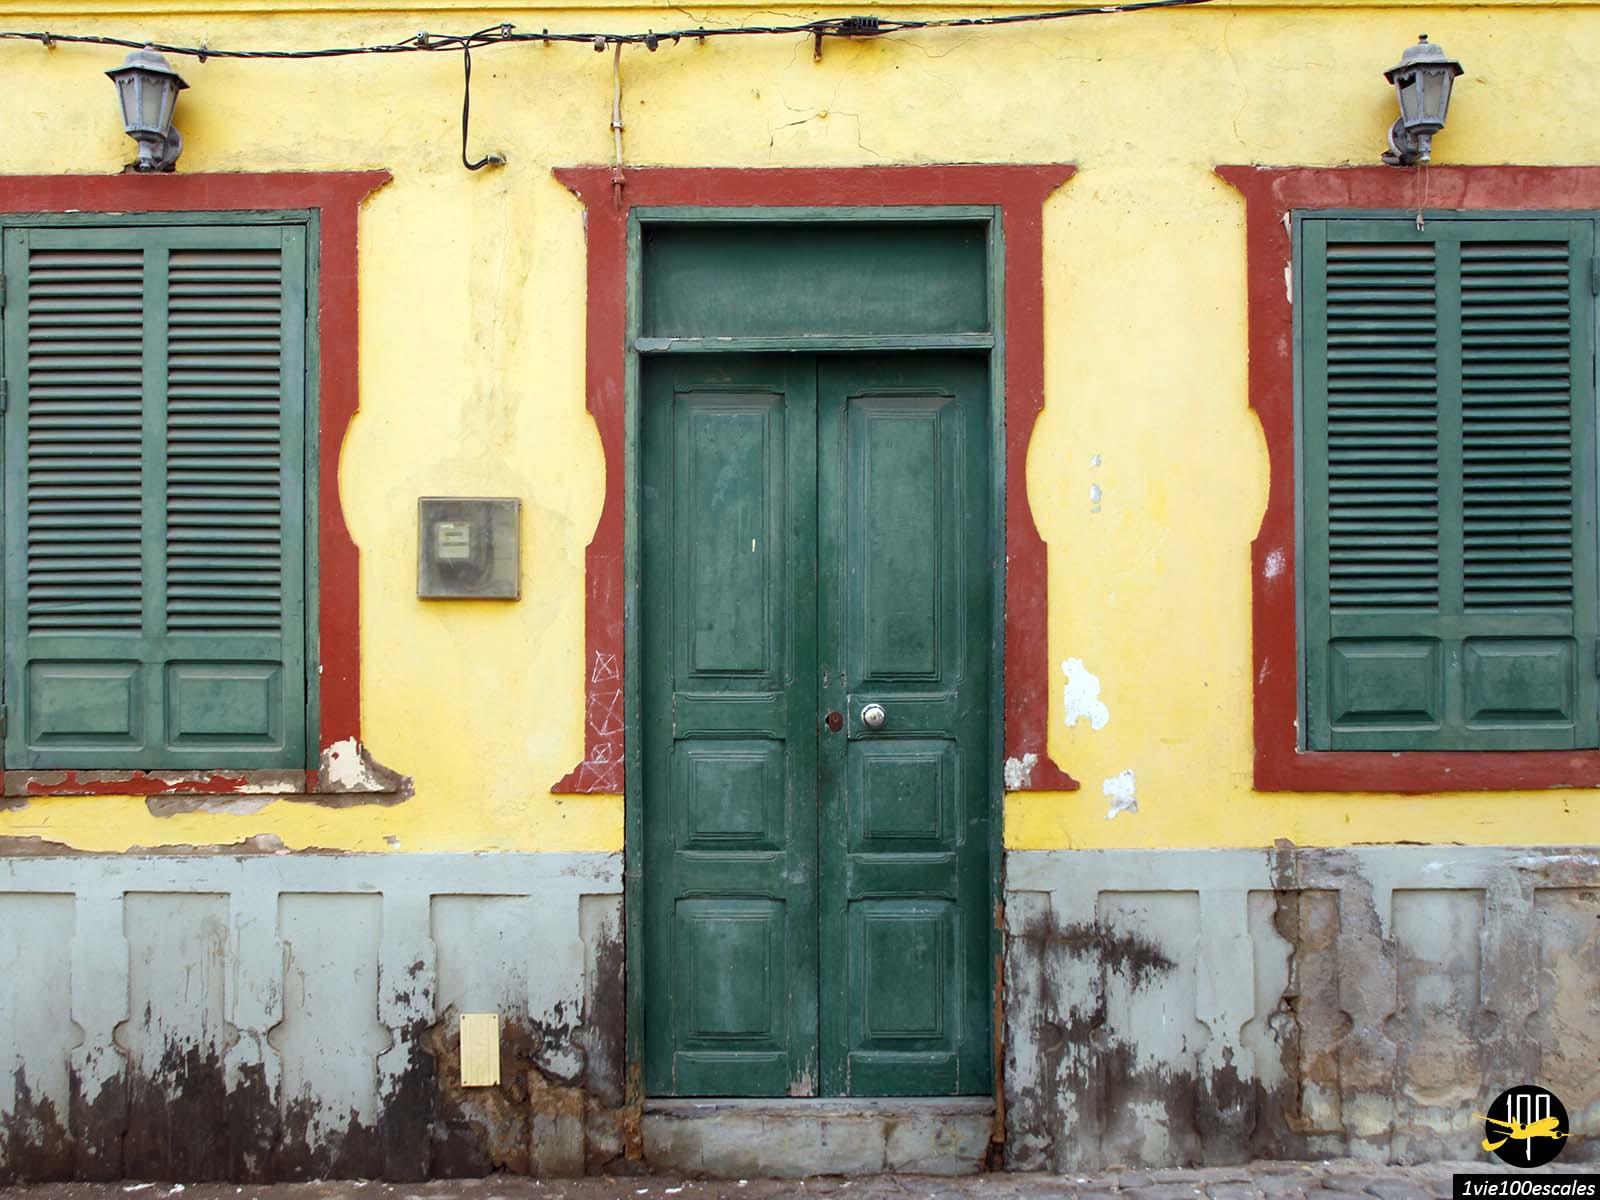 Les couleurs des anciennes maisons du ville de Sal Rei sur l'île de Boa Vista